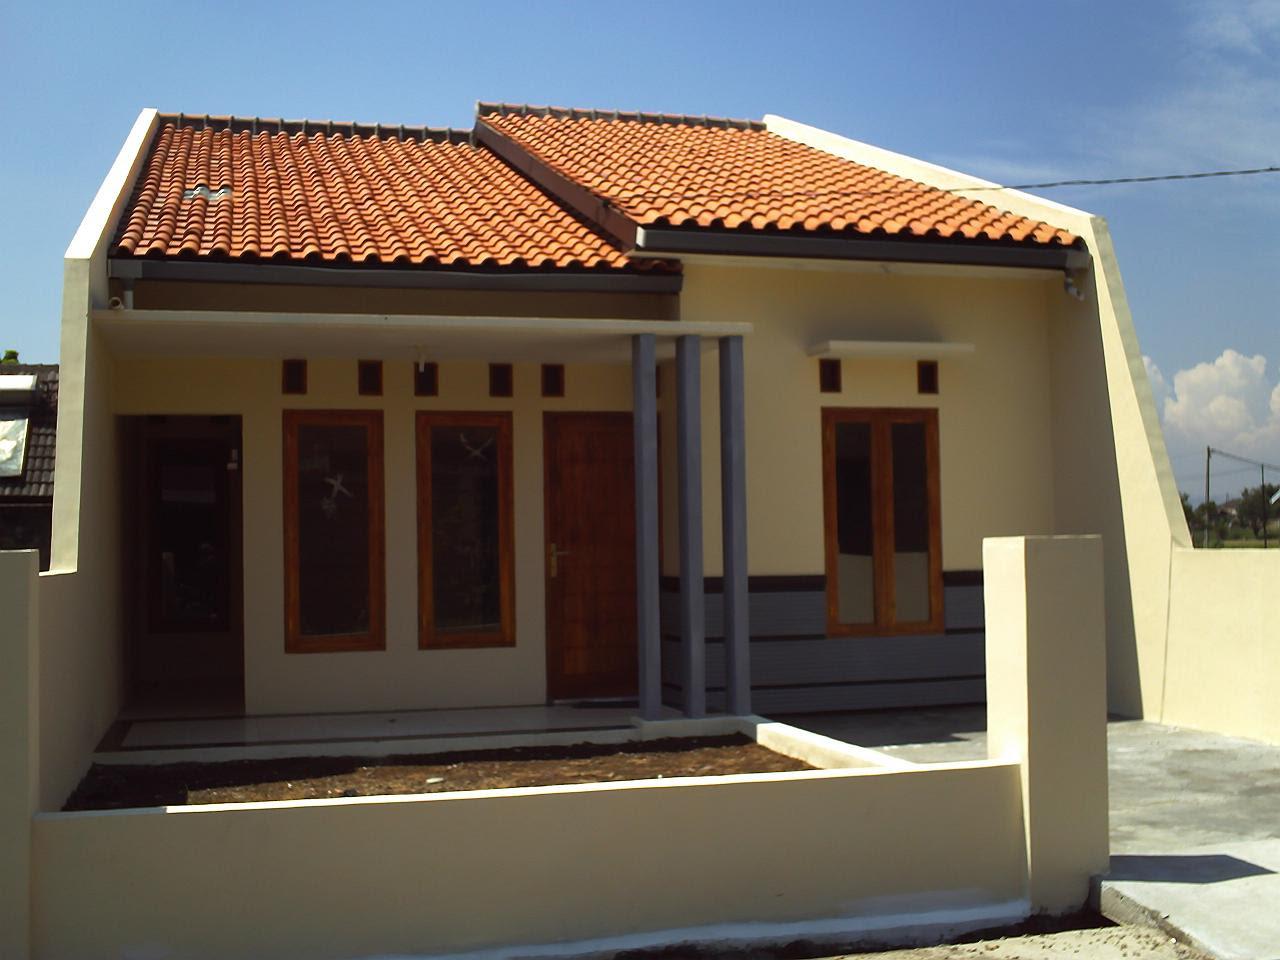 660+ Foto Desain Rumah Sederhana Bagian Belakang Gratis Unduh